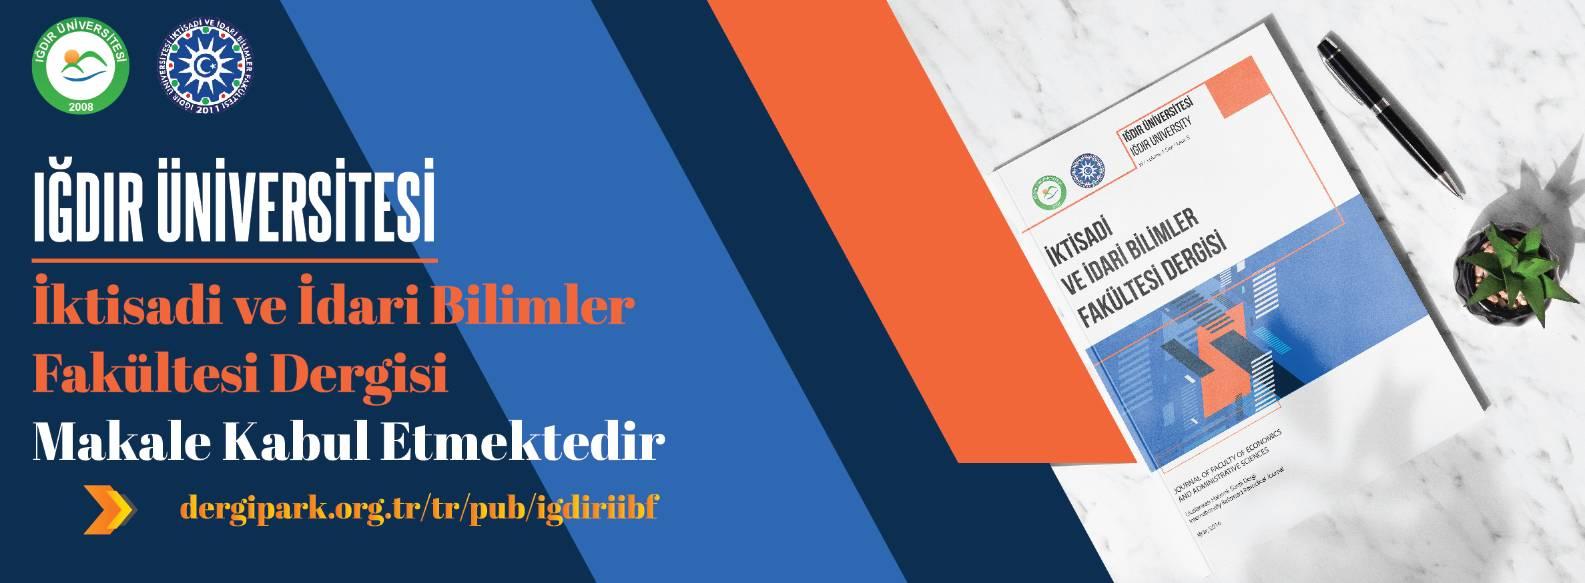 dergi-banner-2-01.jpg